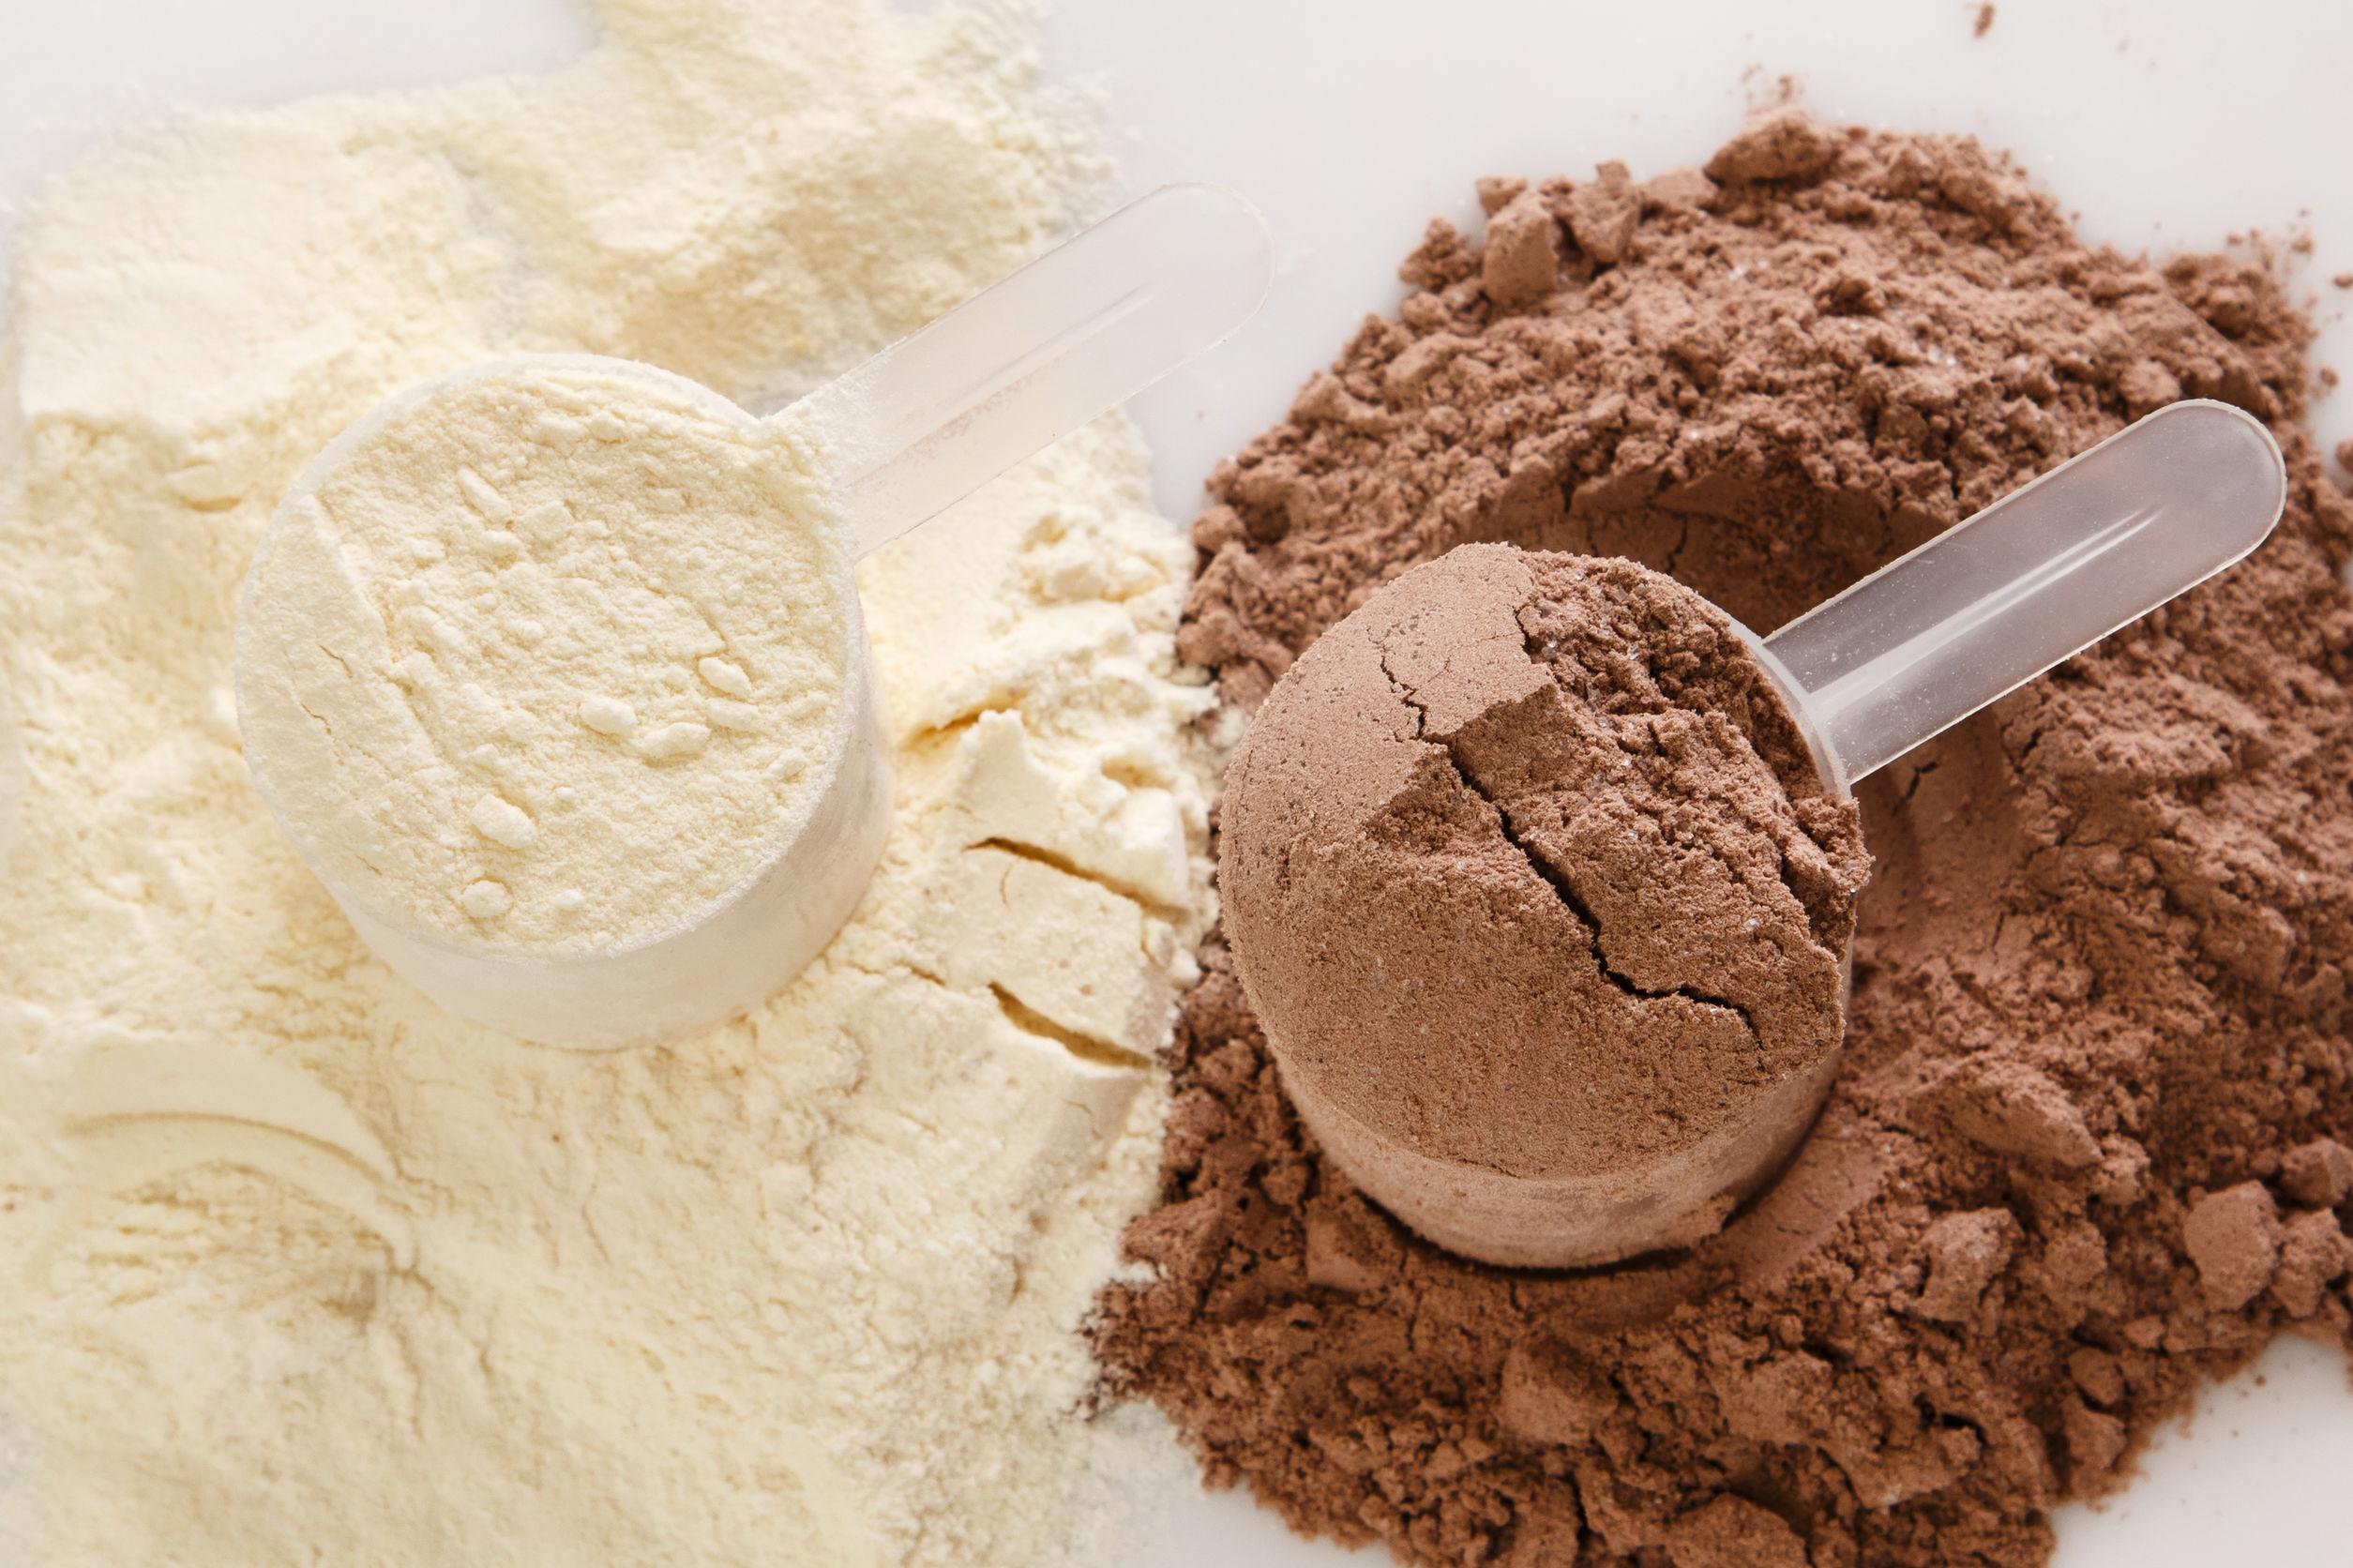 Proteinpulver: Test, Wirkung, Anwendung & Studien (06/20)